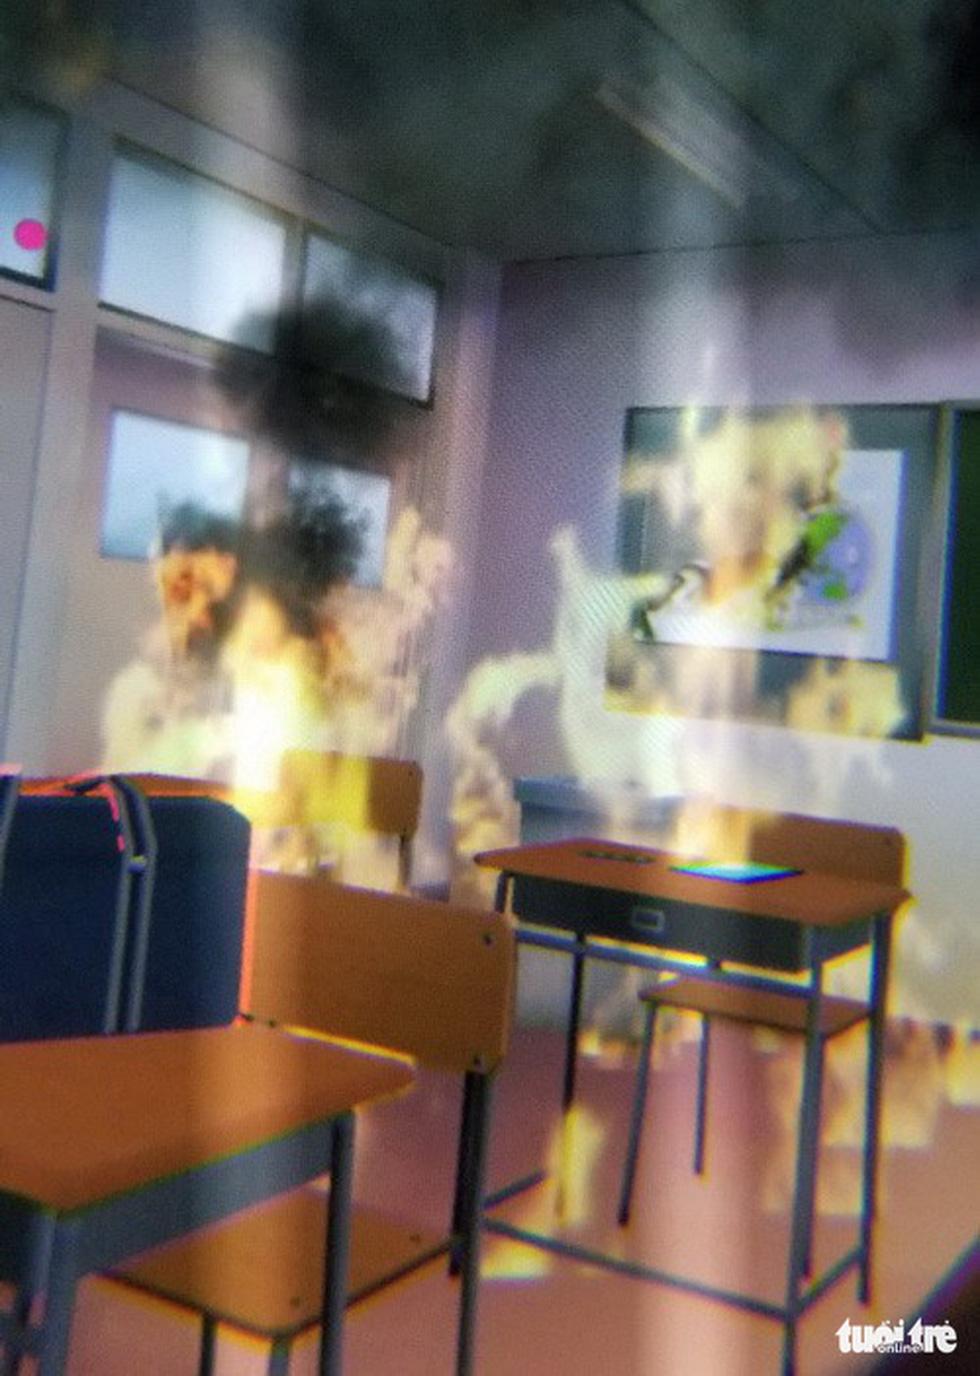 Học sinh học cách thoát hiểm trong phòng thực tế ảo - Ảnh 6.